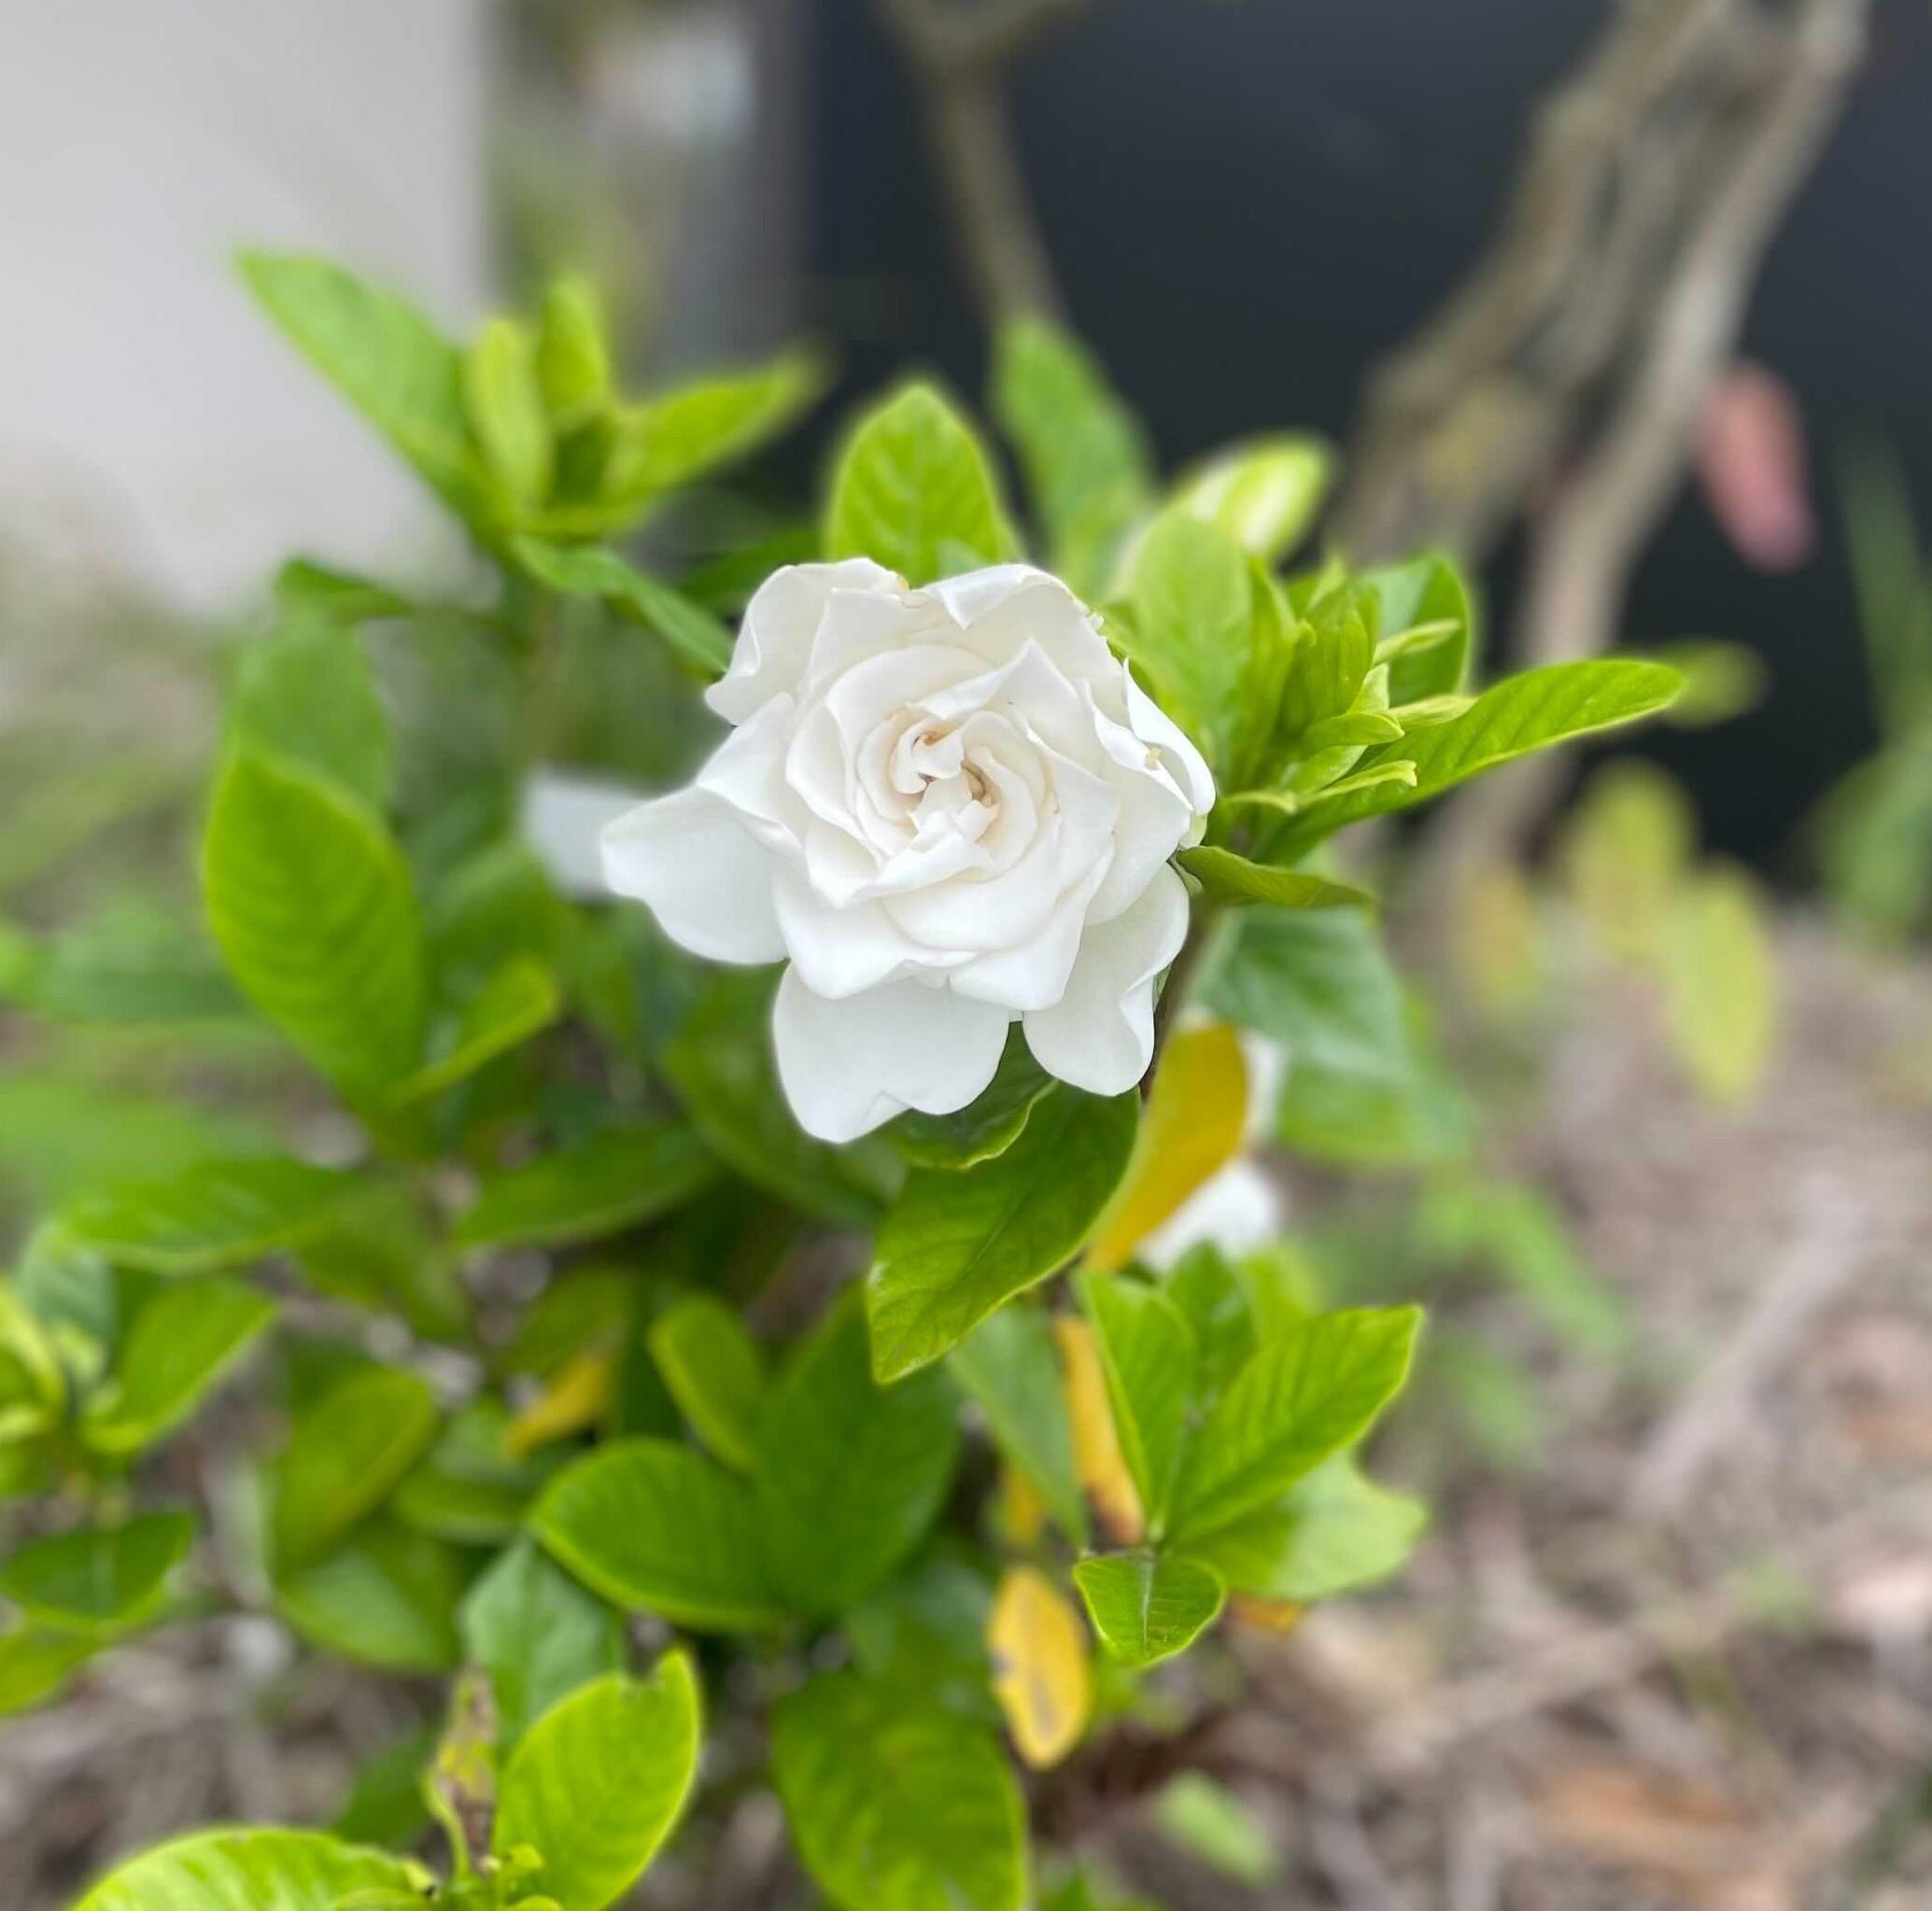 白い花の様子